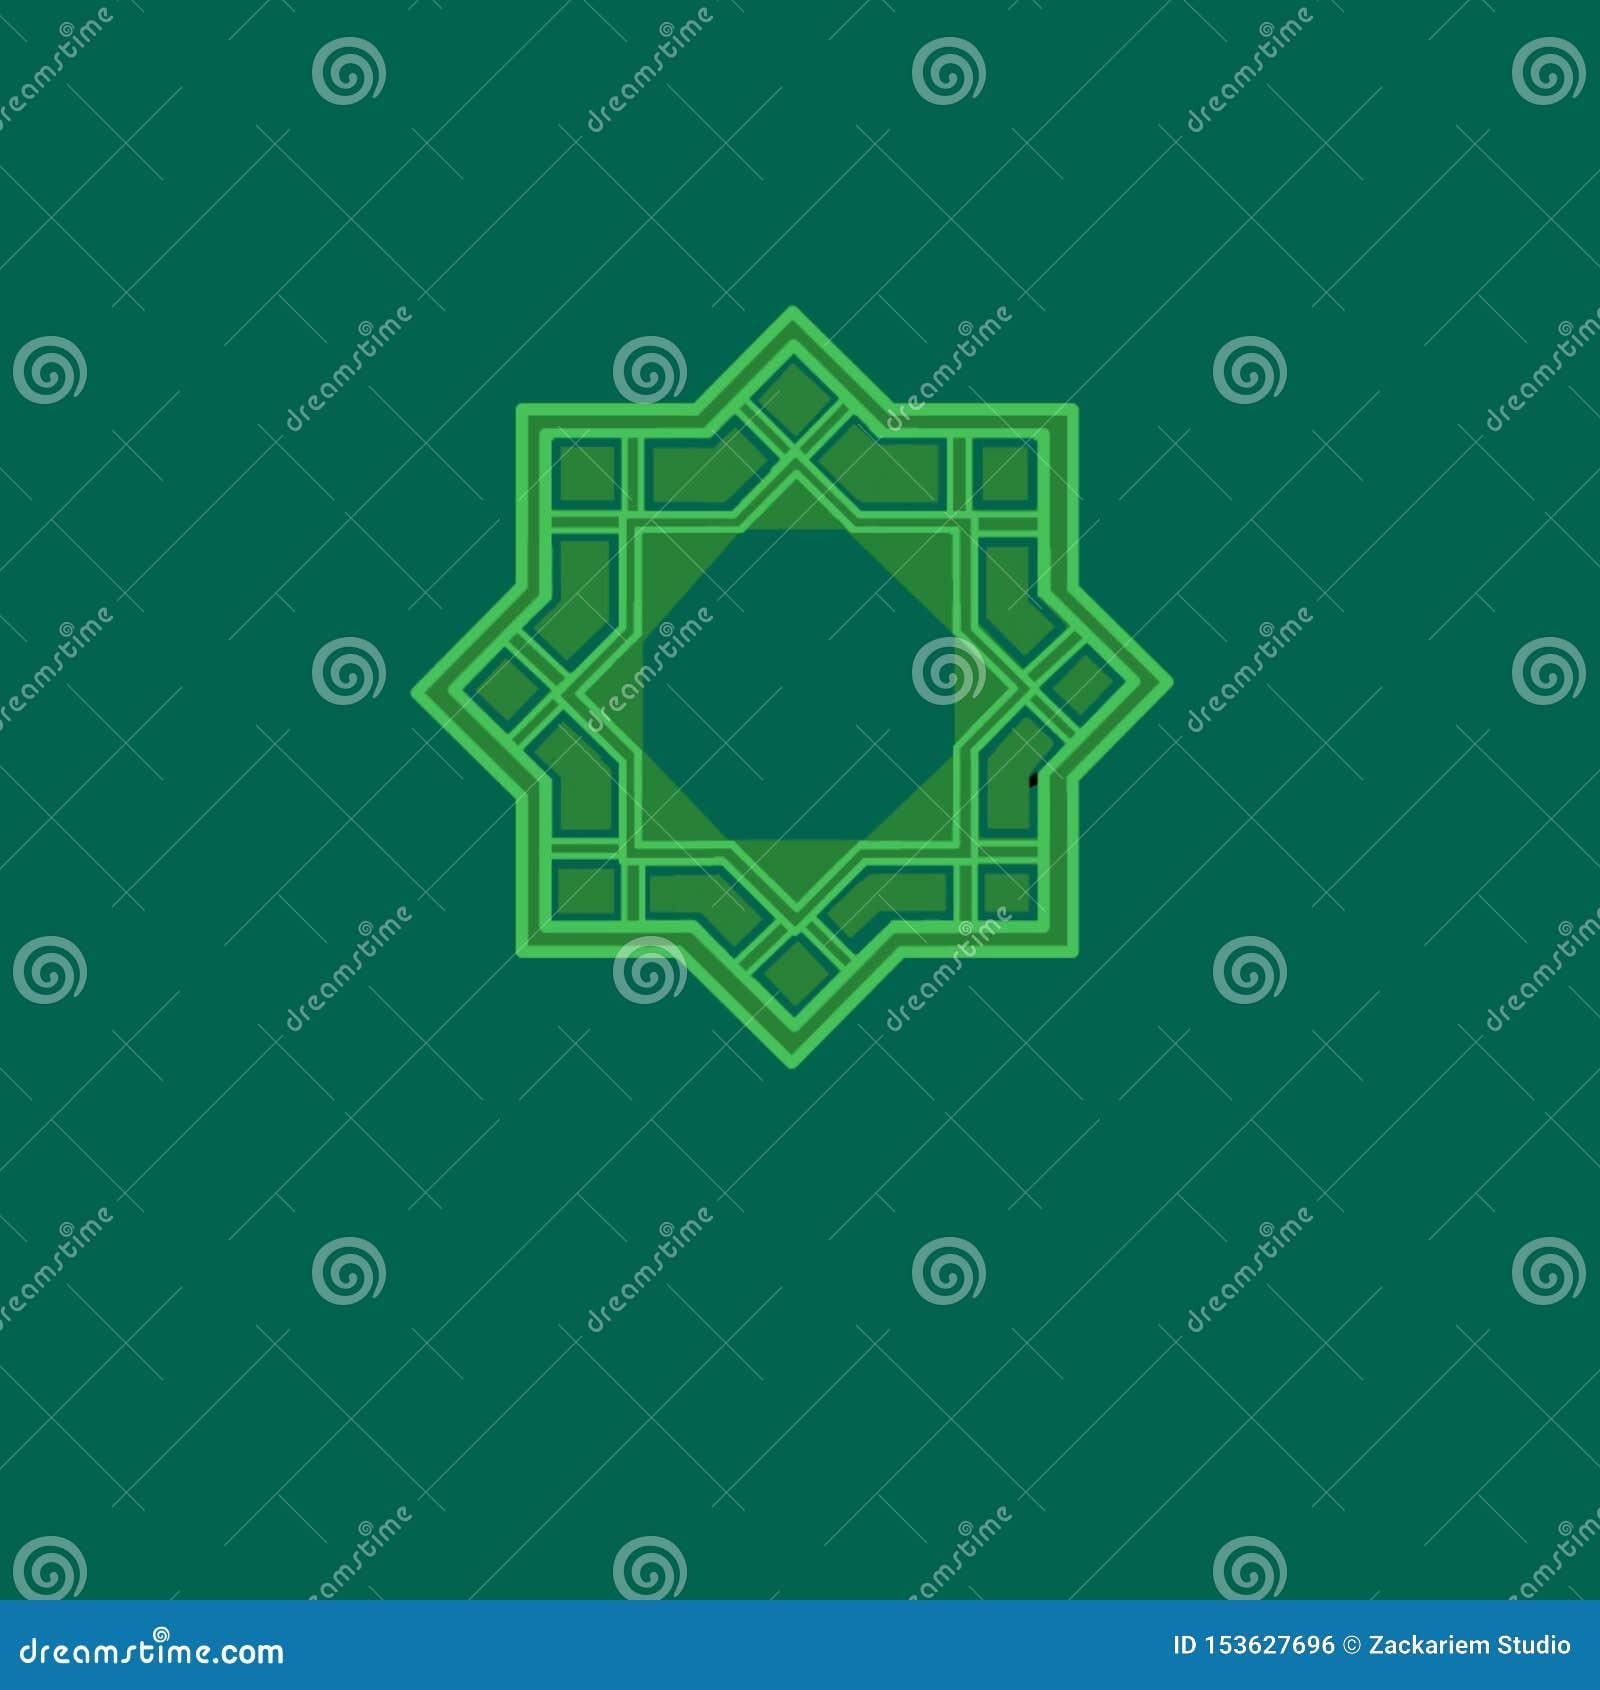 Ισλαμικό geomatric σχέδιο μοτίβου